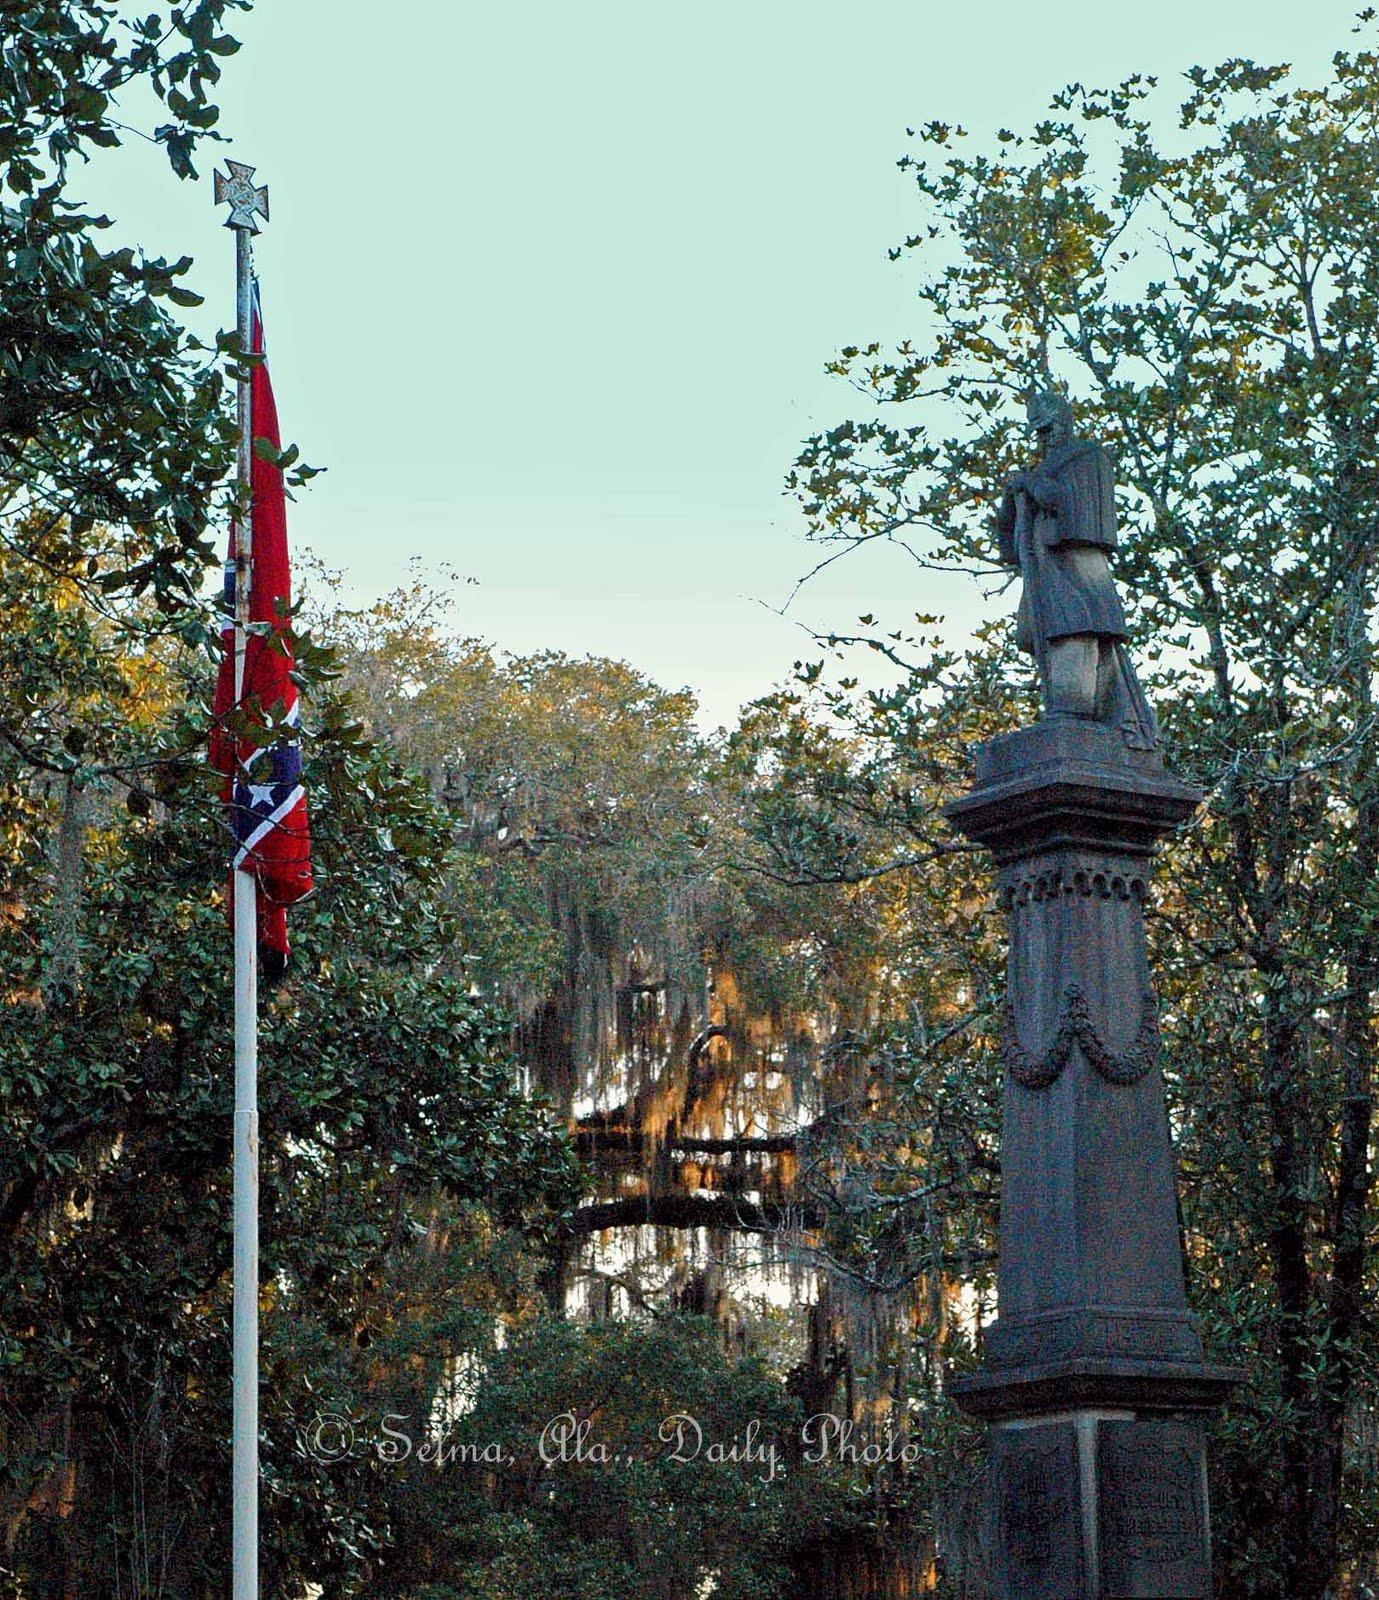 https://lh3.ggpht.com/--4uHdlMkWyw/TbWRkZ2-u4I/AAAAAAAAK4Y/MRXLqssKFFU/s1600/Confederate+Memorial+Day+for+web.jpg